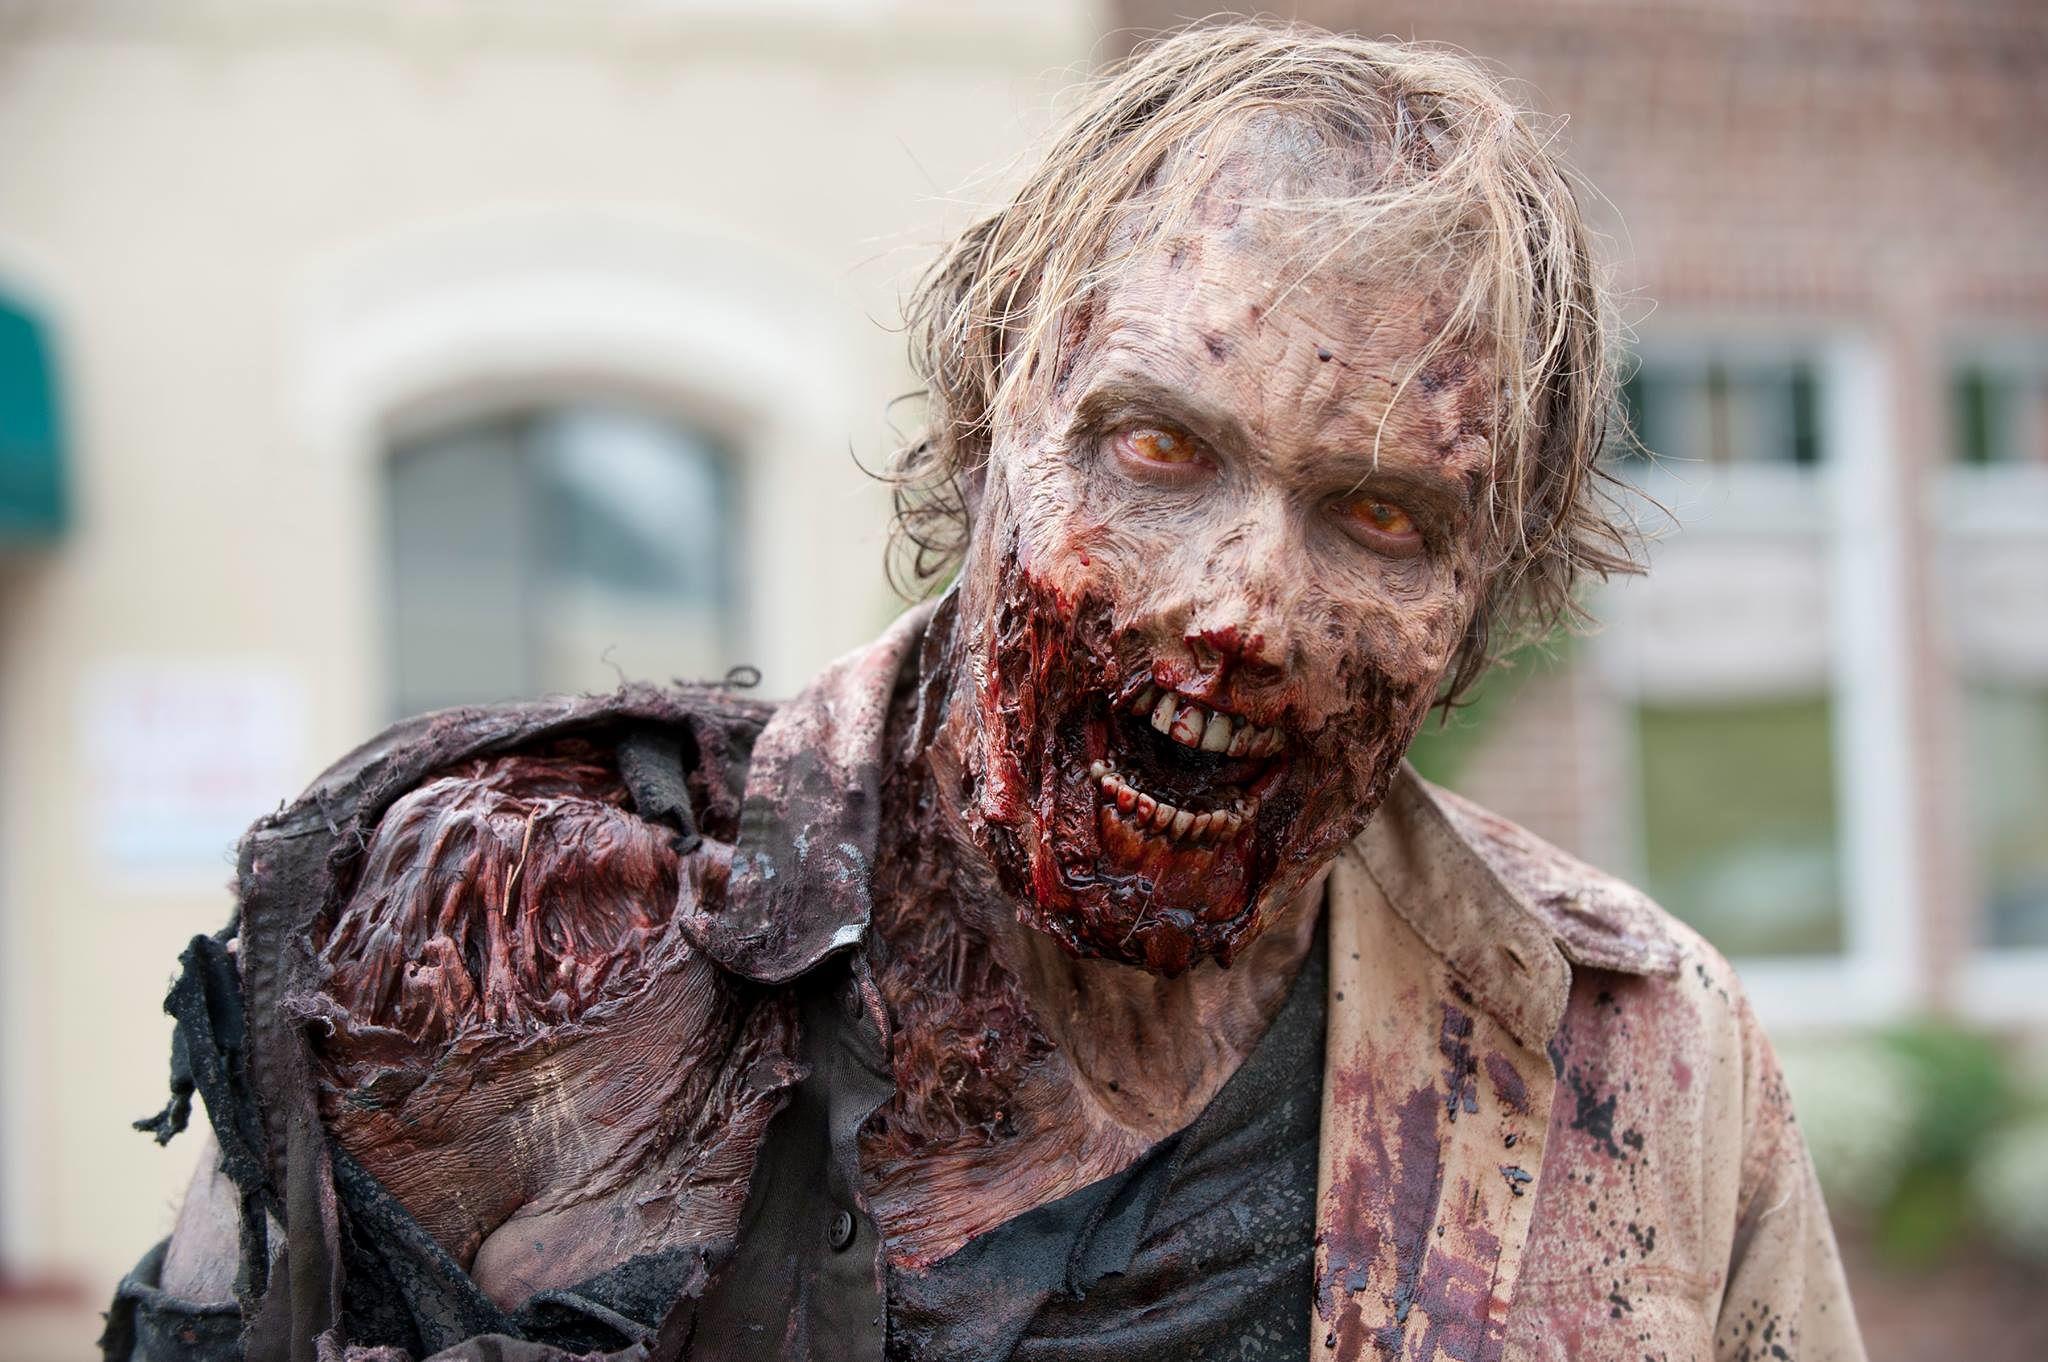 Зомби апокалипсис и вы - Изображение 1